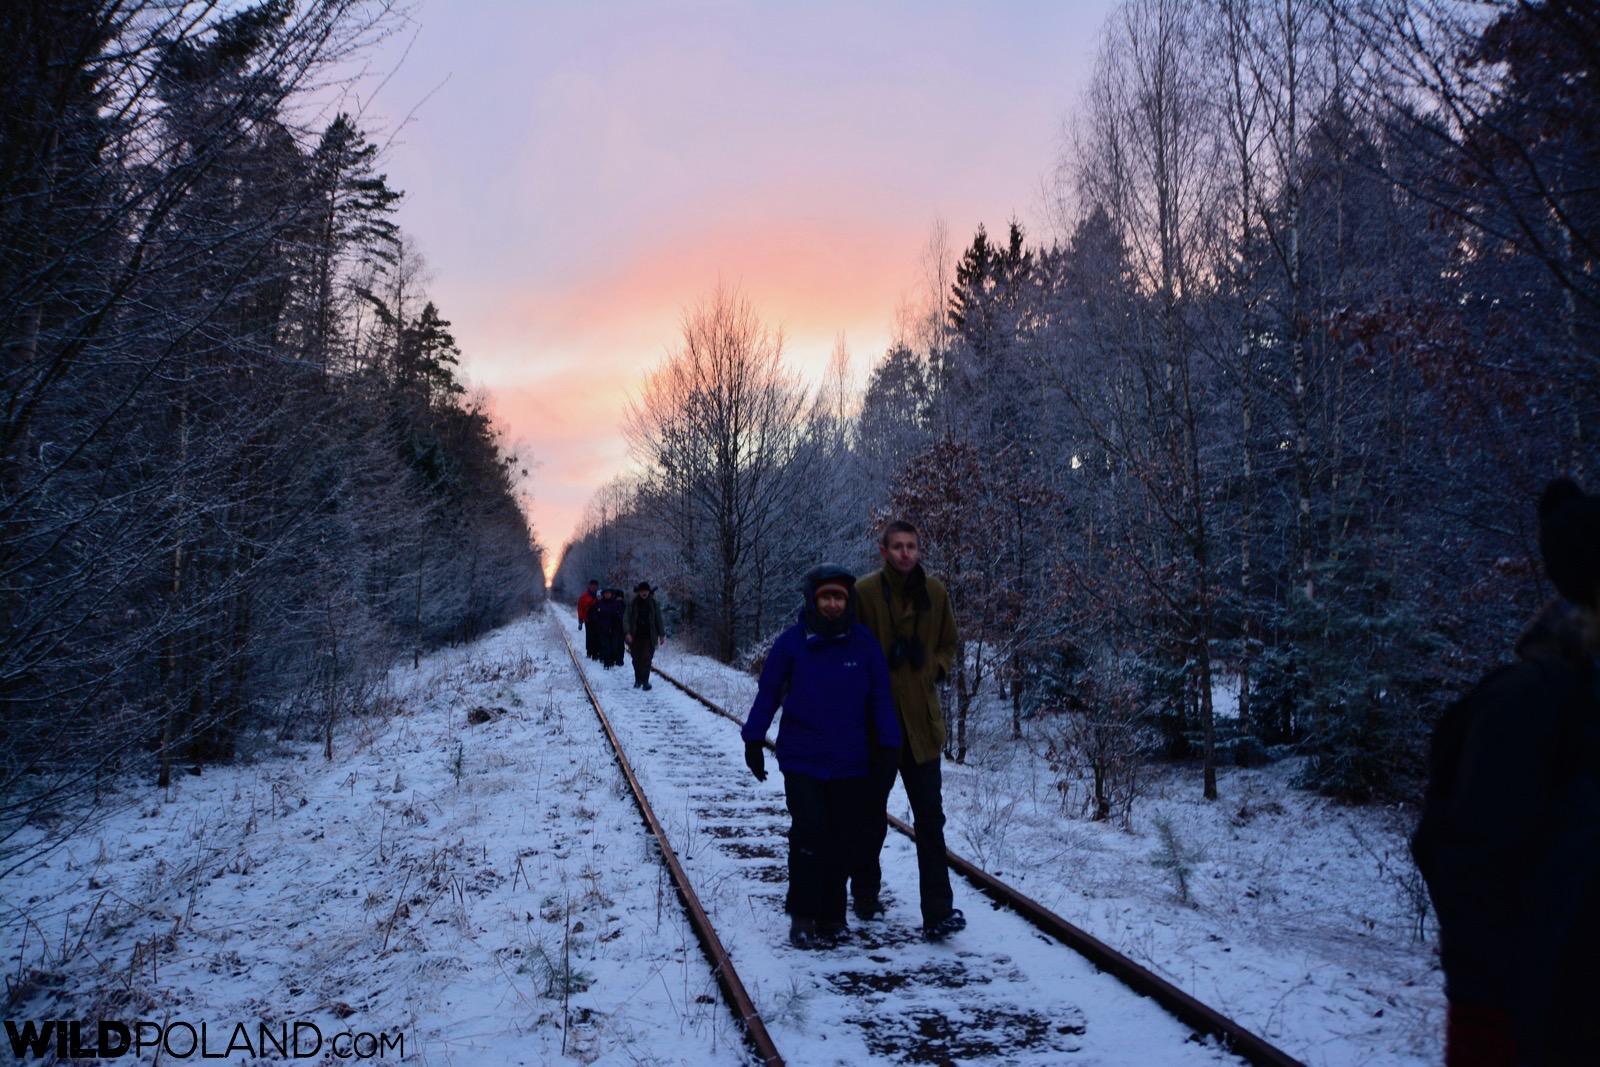 Snowy day in the Białowieża Forest, photo by Michał Skierczyński